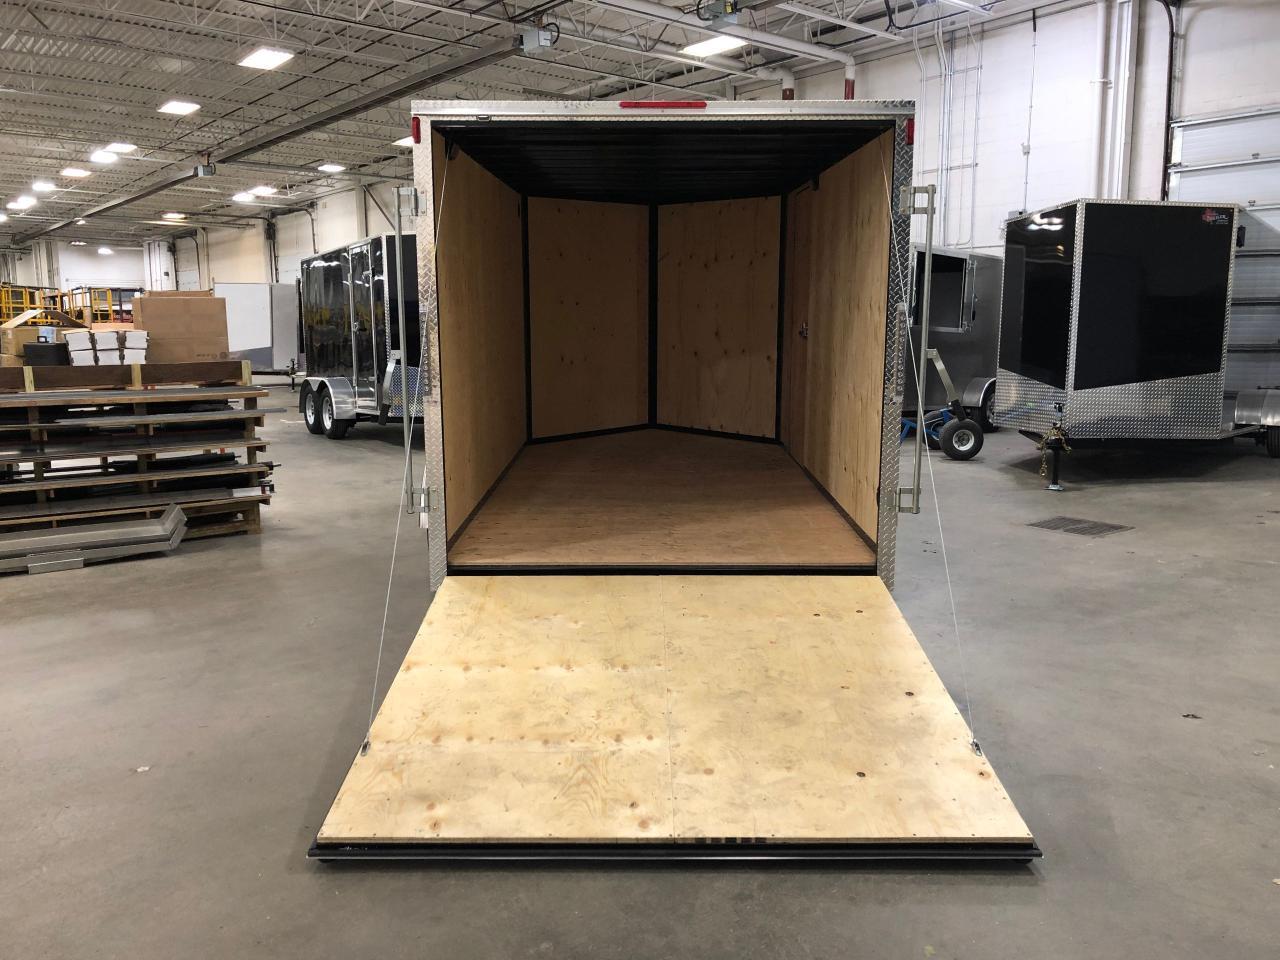 2020 Canadian Trailer Company 6x10 V-Nose Cargo Trailer